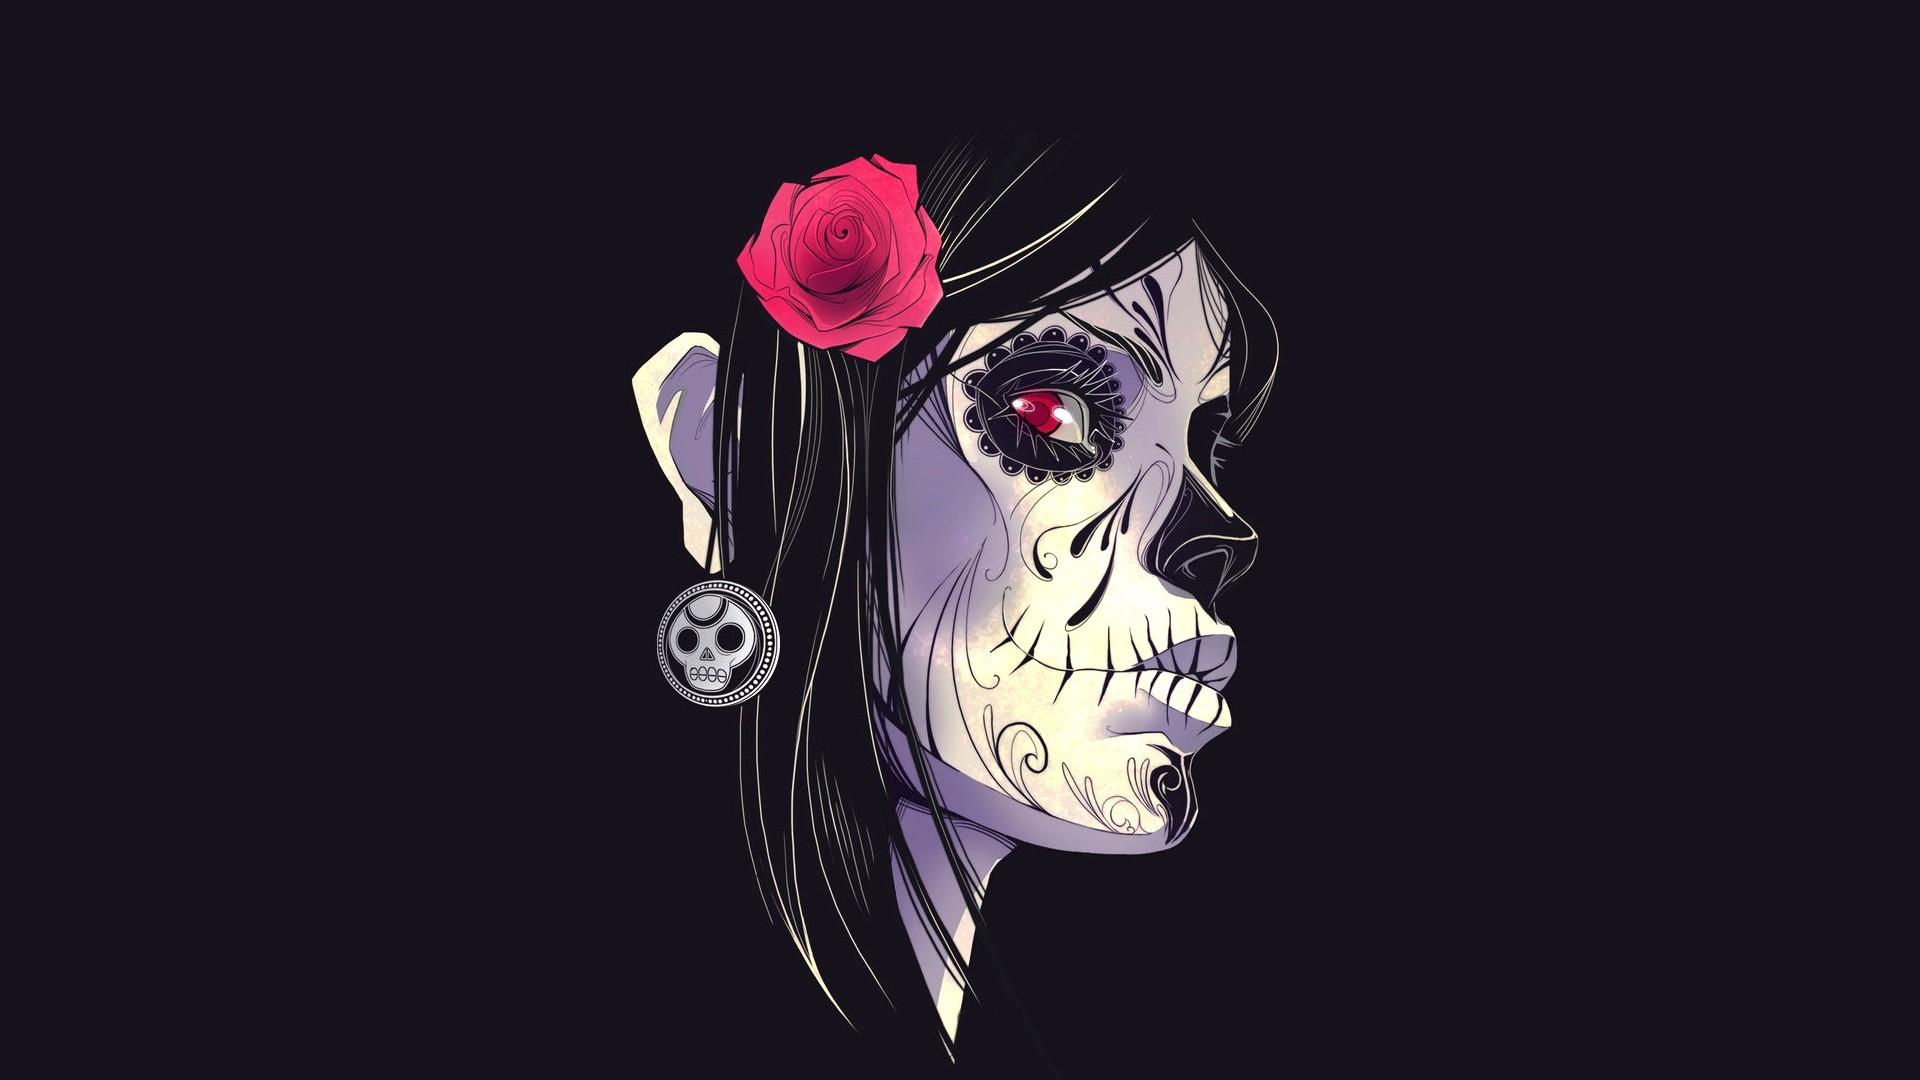 Flower Black gothic skull wallpaper 1920x1080 220051 WallpaperUP 1920x1080